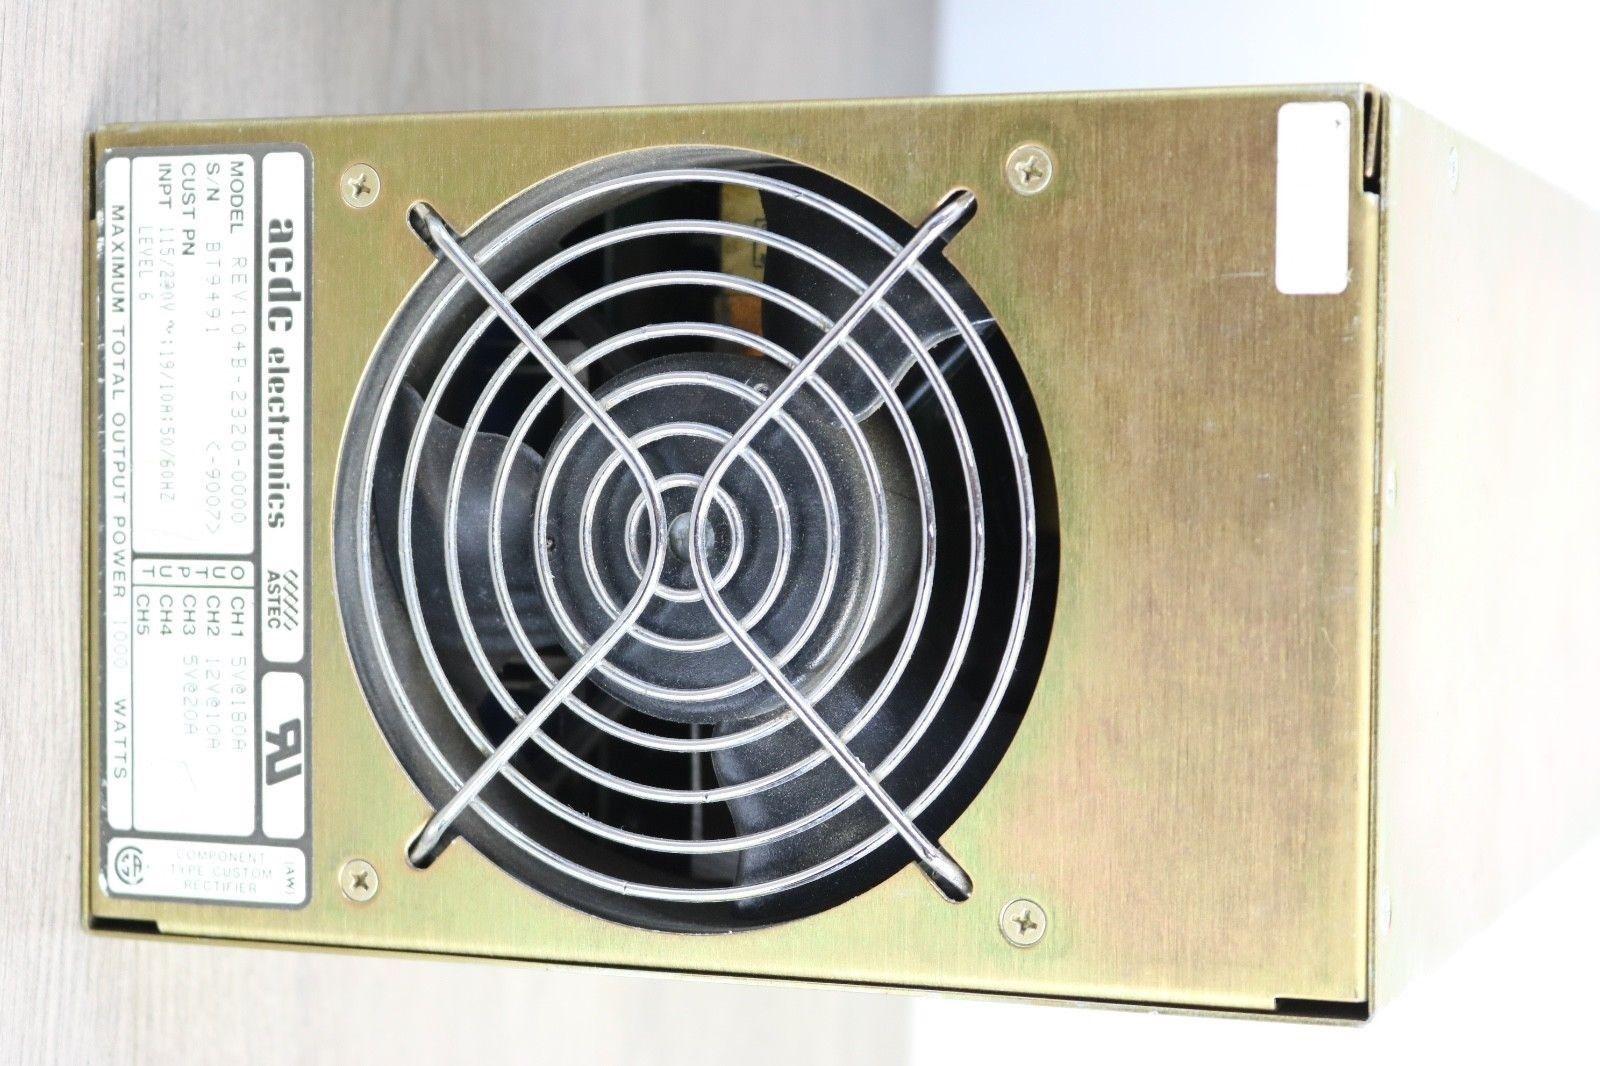 ACDC Electronics REV104B-2320-0000  1000 WATT 3CH 5V@180A, 12V@10A, 5V@20A